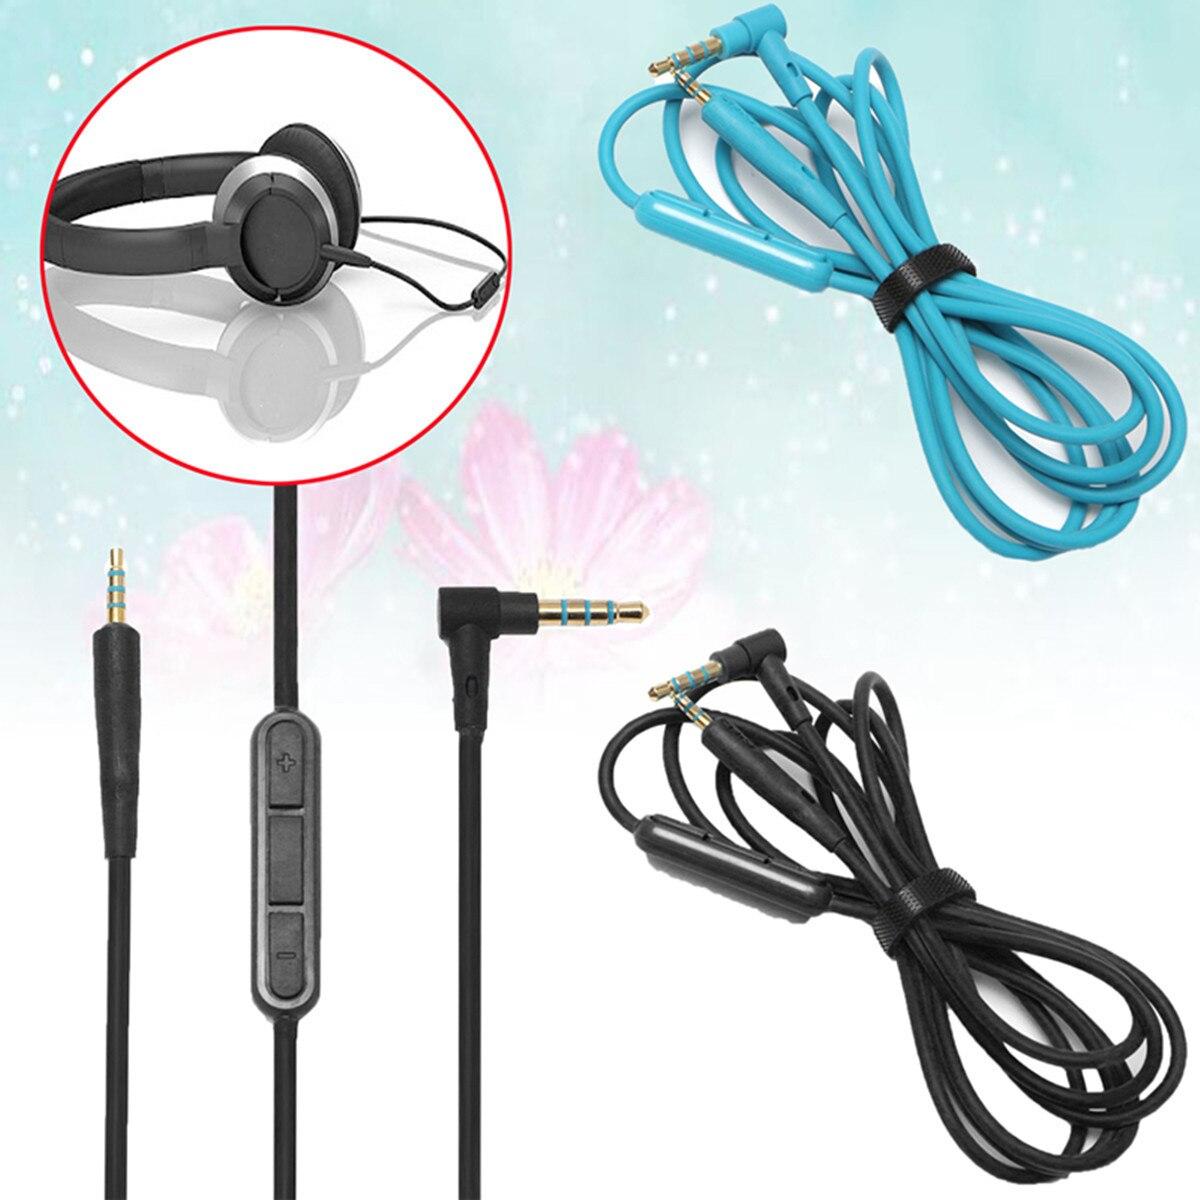 2.5mm Naar 3.5mm Audio Kabel Extension Wire Cord Met Microfoon Quiet Comfort Qc25 Hoofdtelefoon Voor Boses 1.3 M